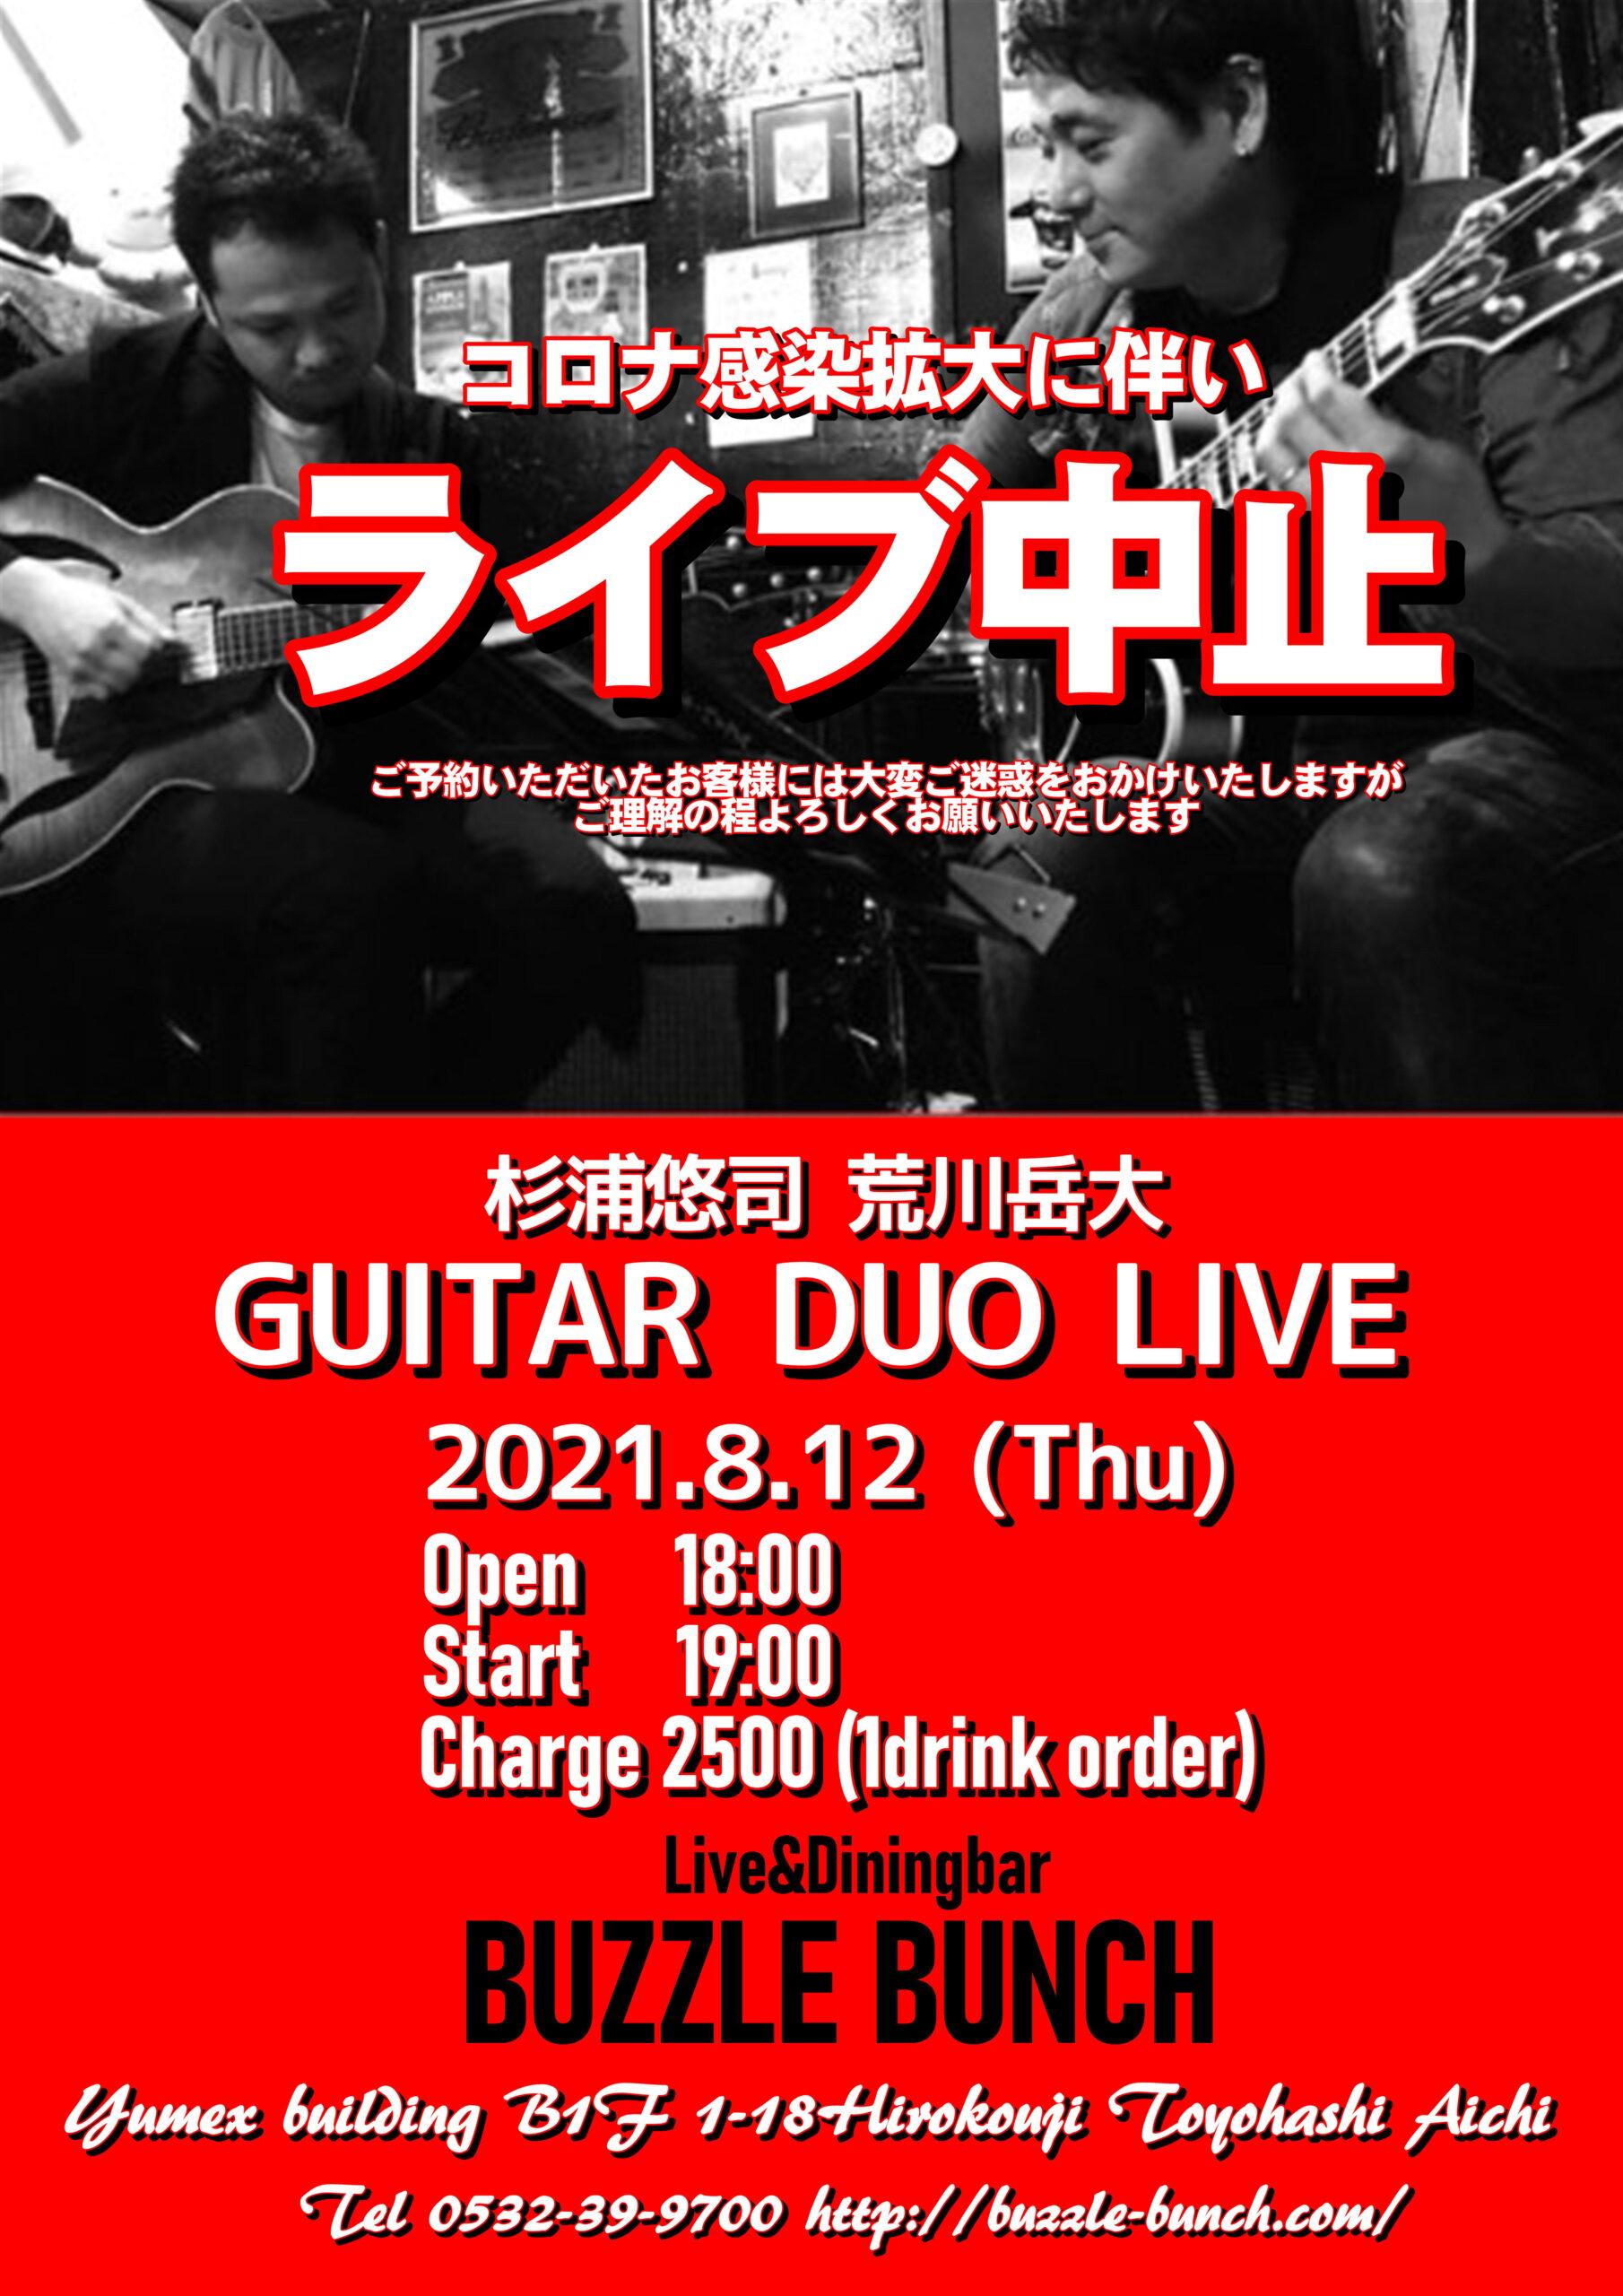 2021年8月12日(木) 杉浦悠司&荒川岳大 Guitar DuoLIVE 中止